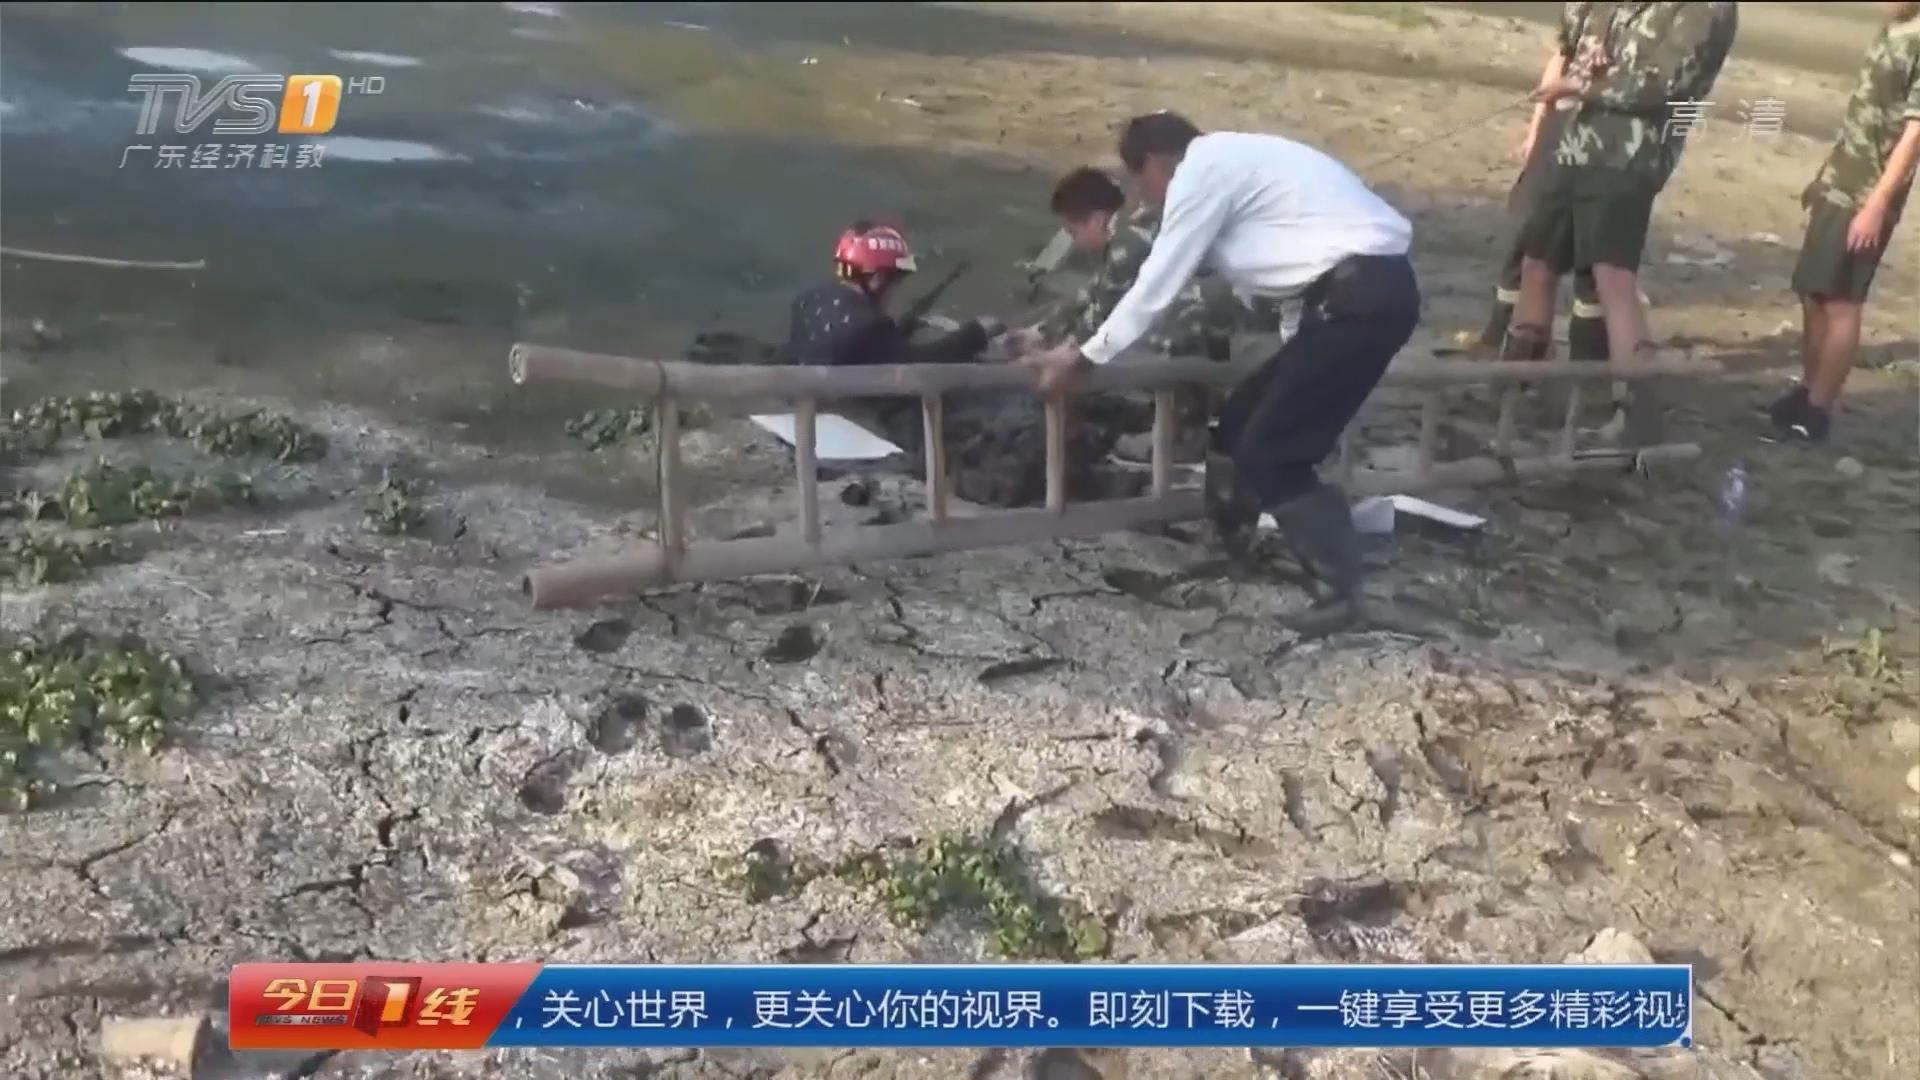 东莞寮步:男子下河床 身陷淤泥难自拔